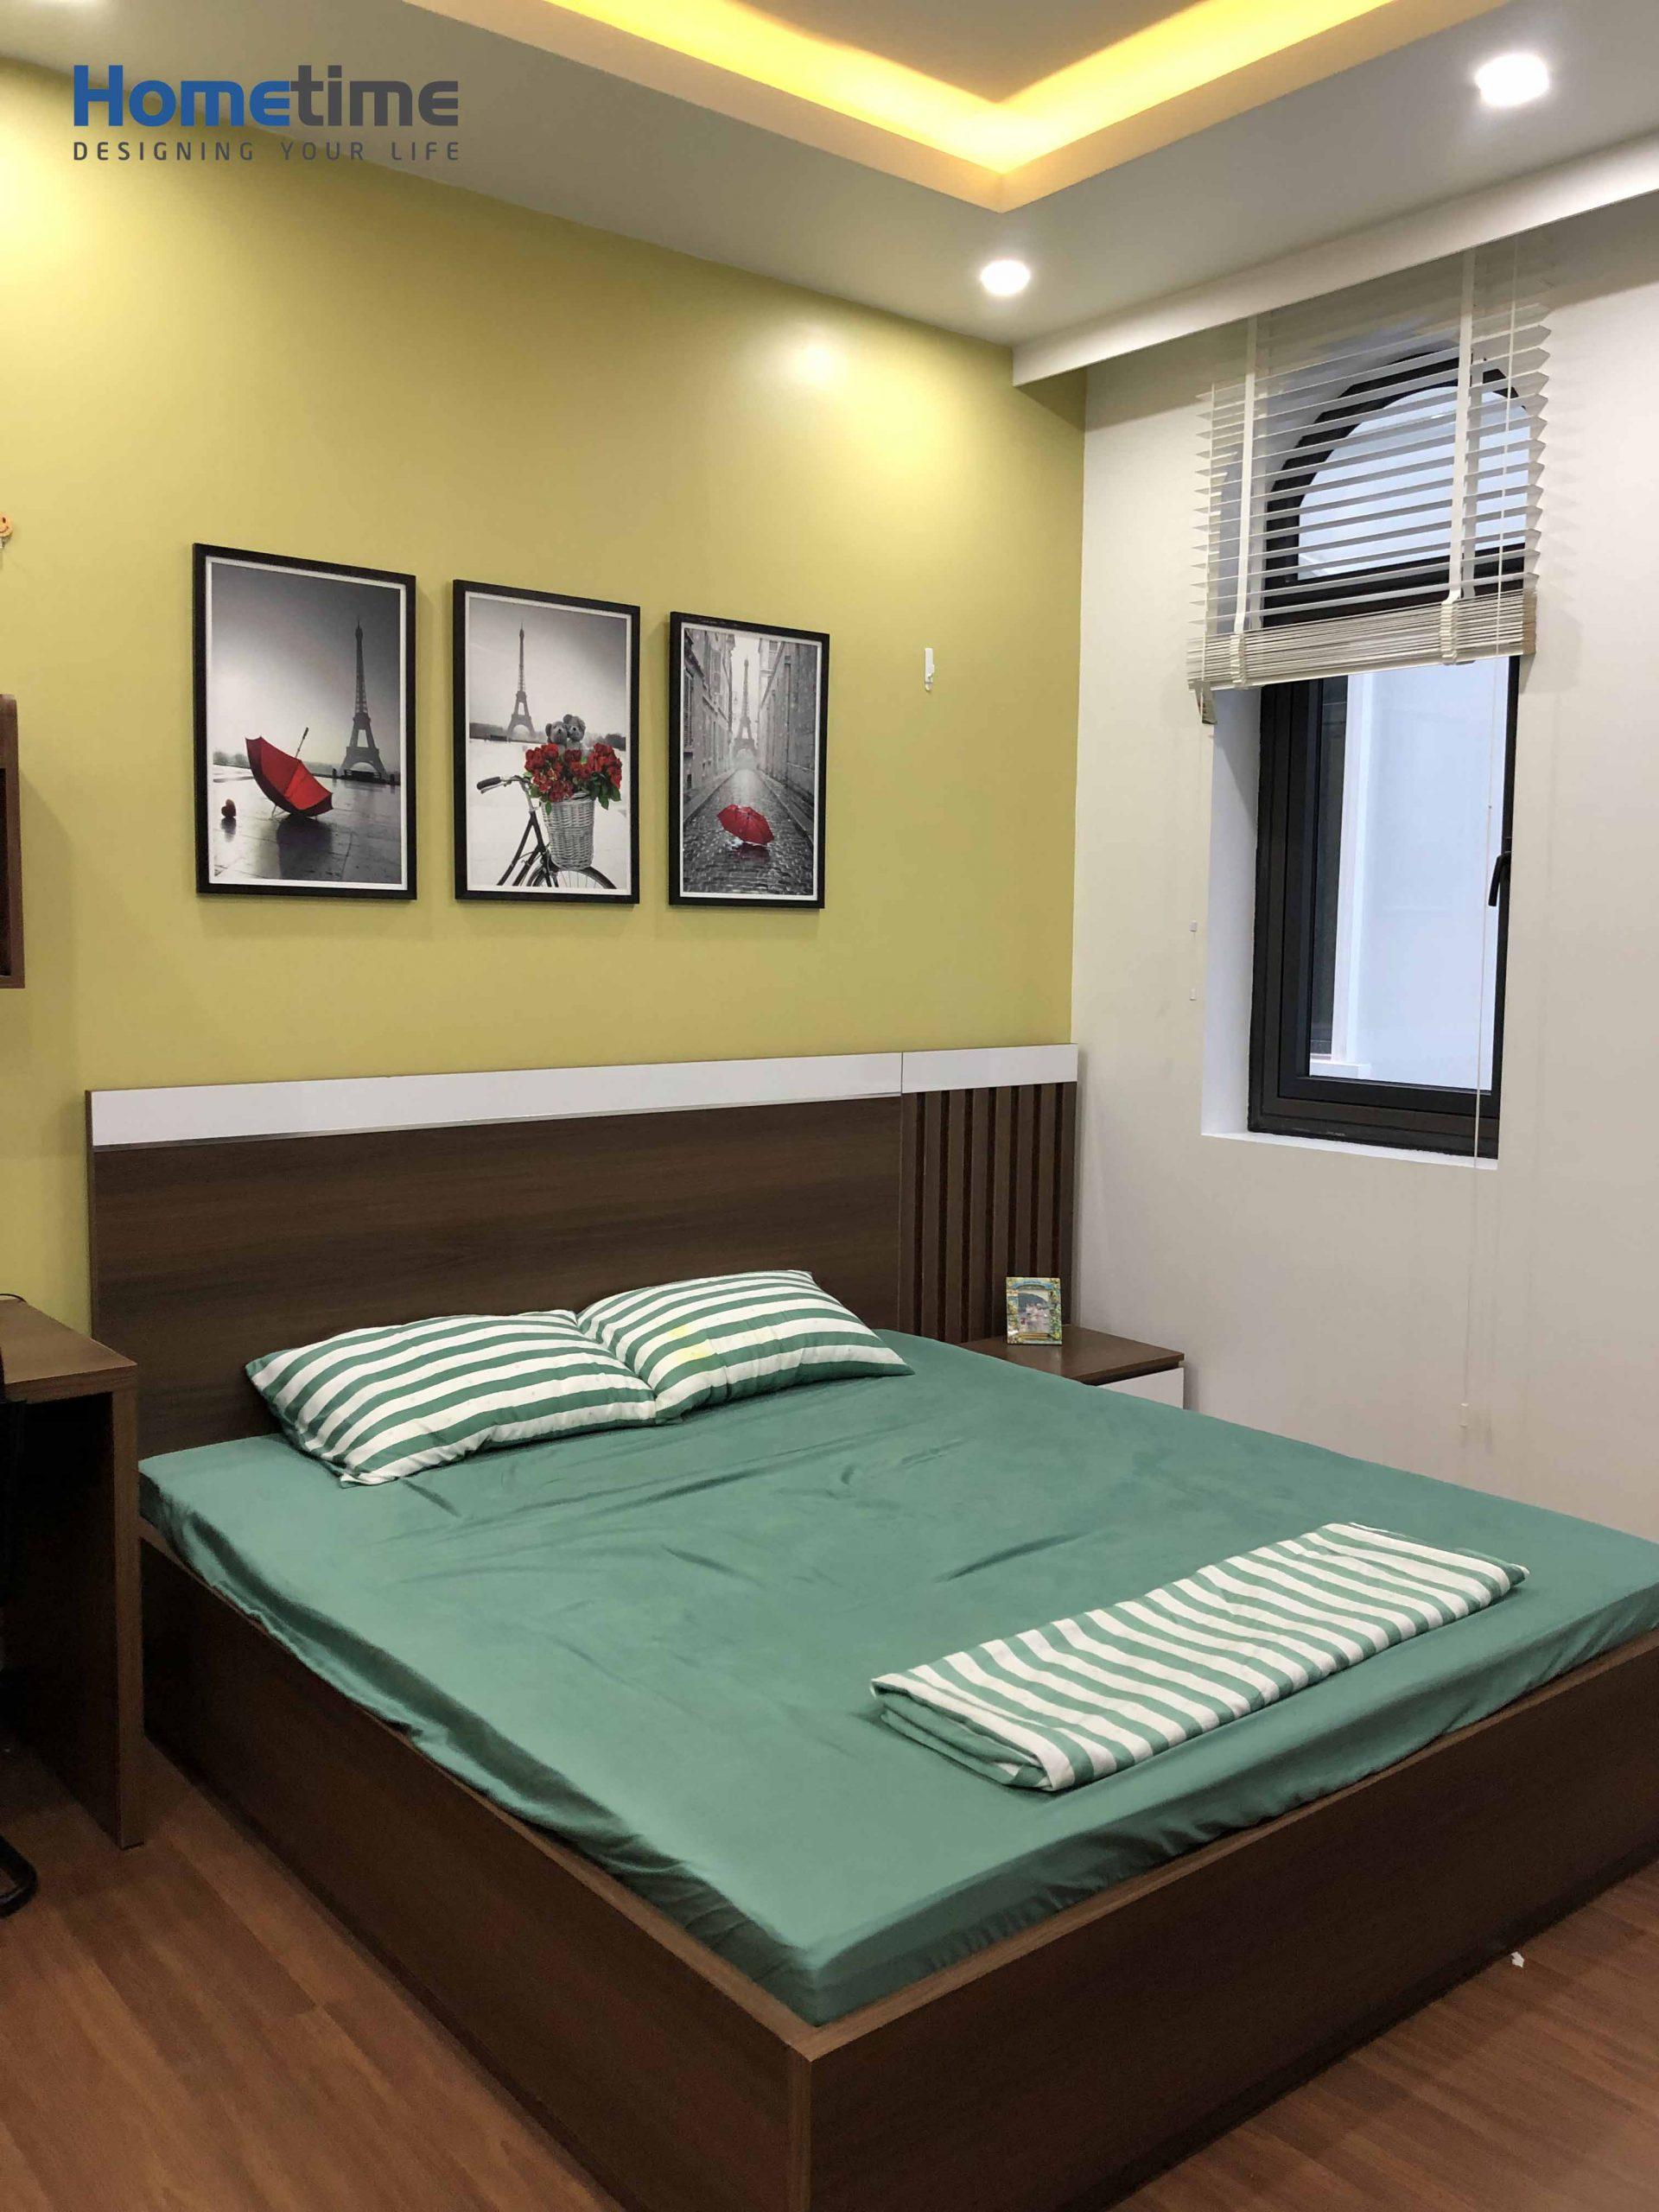 Giường ngủ hiện đại với chất liệu gỗ MDF chống ẩm